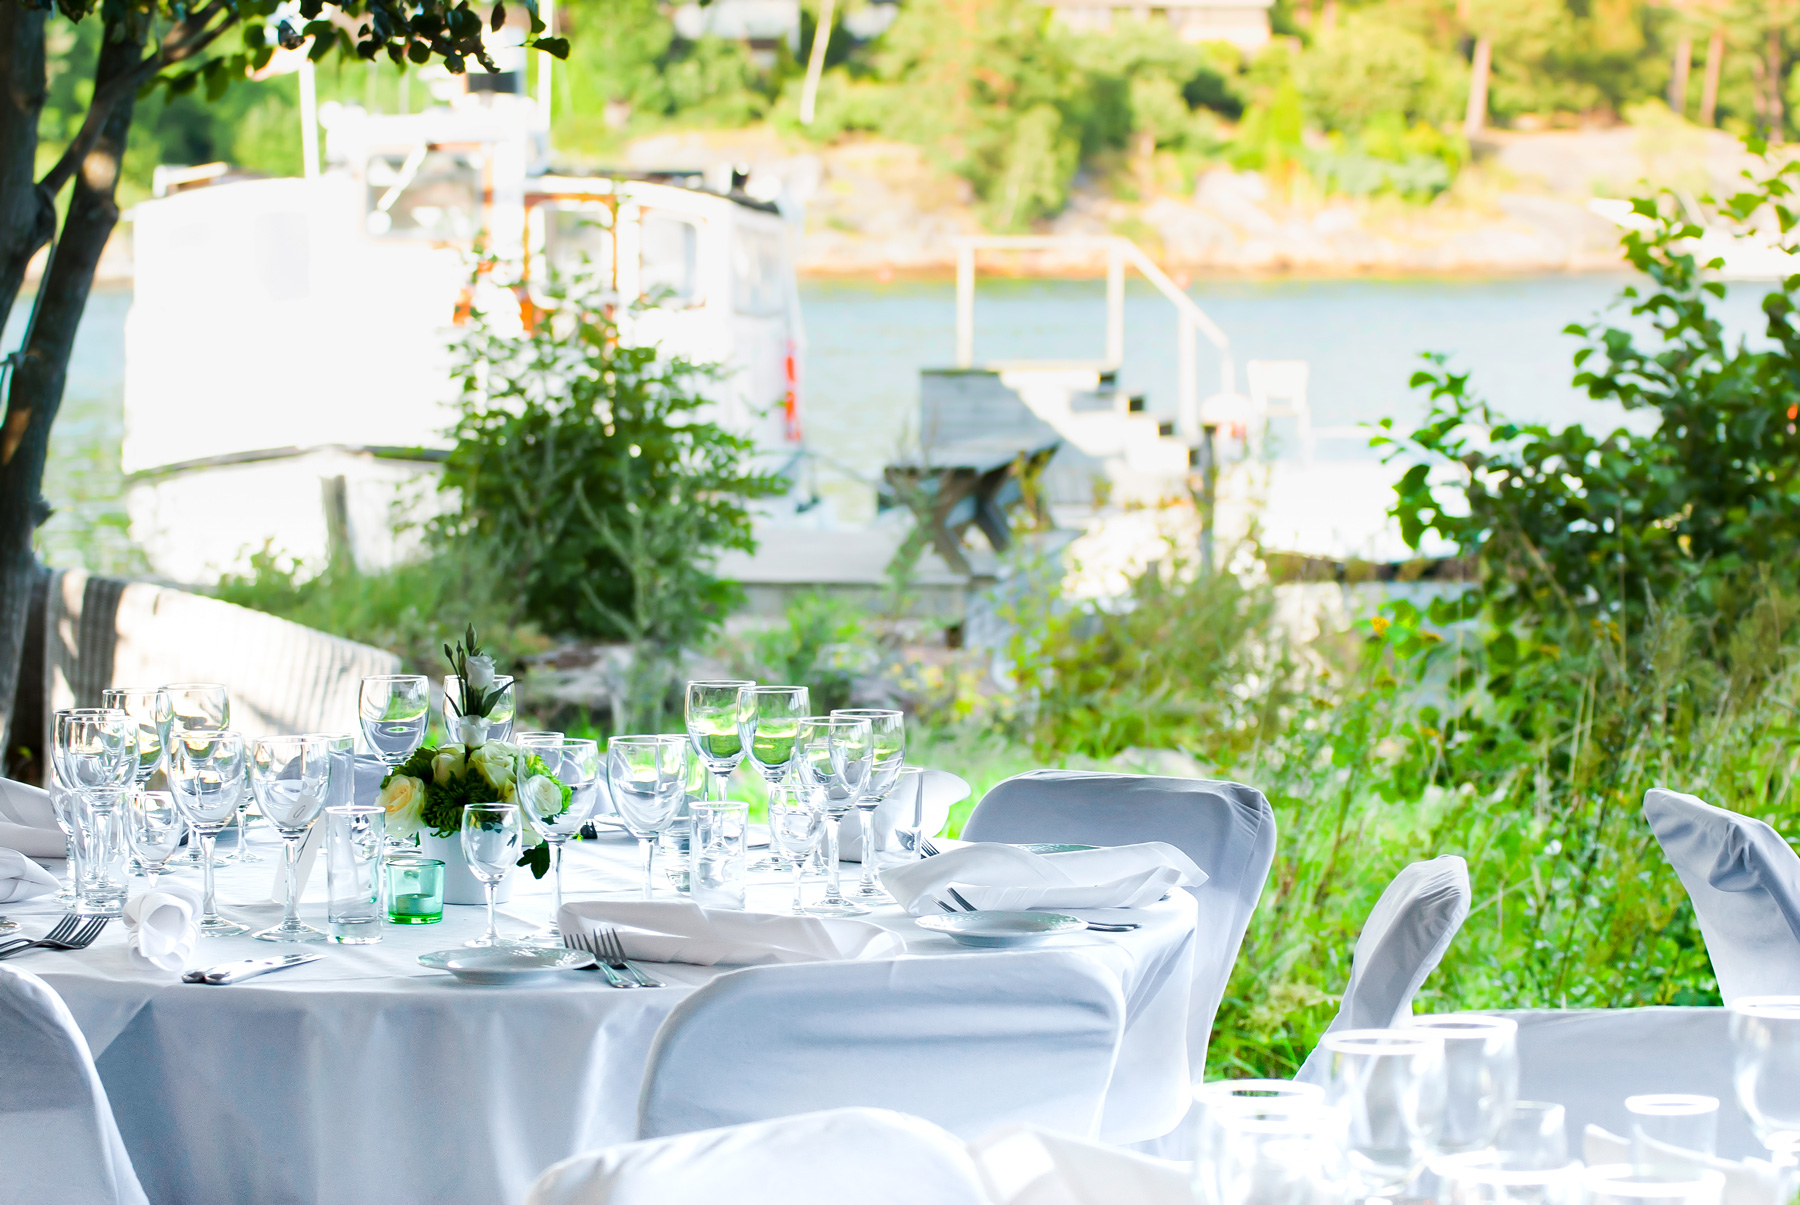 Bröllop på bryggan på Bockholmen